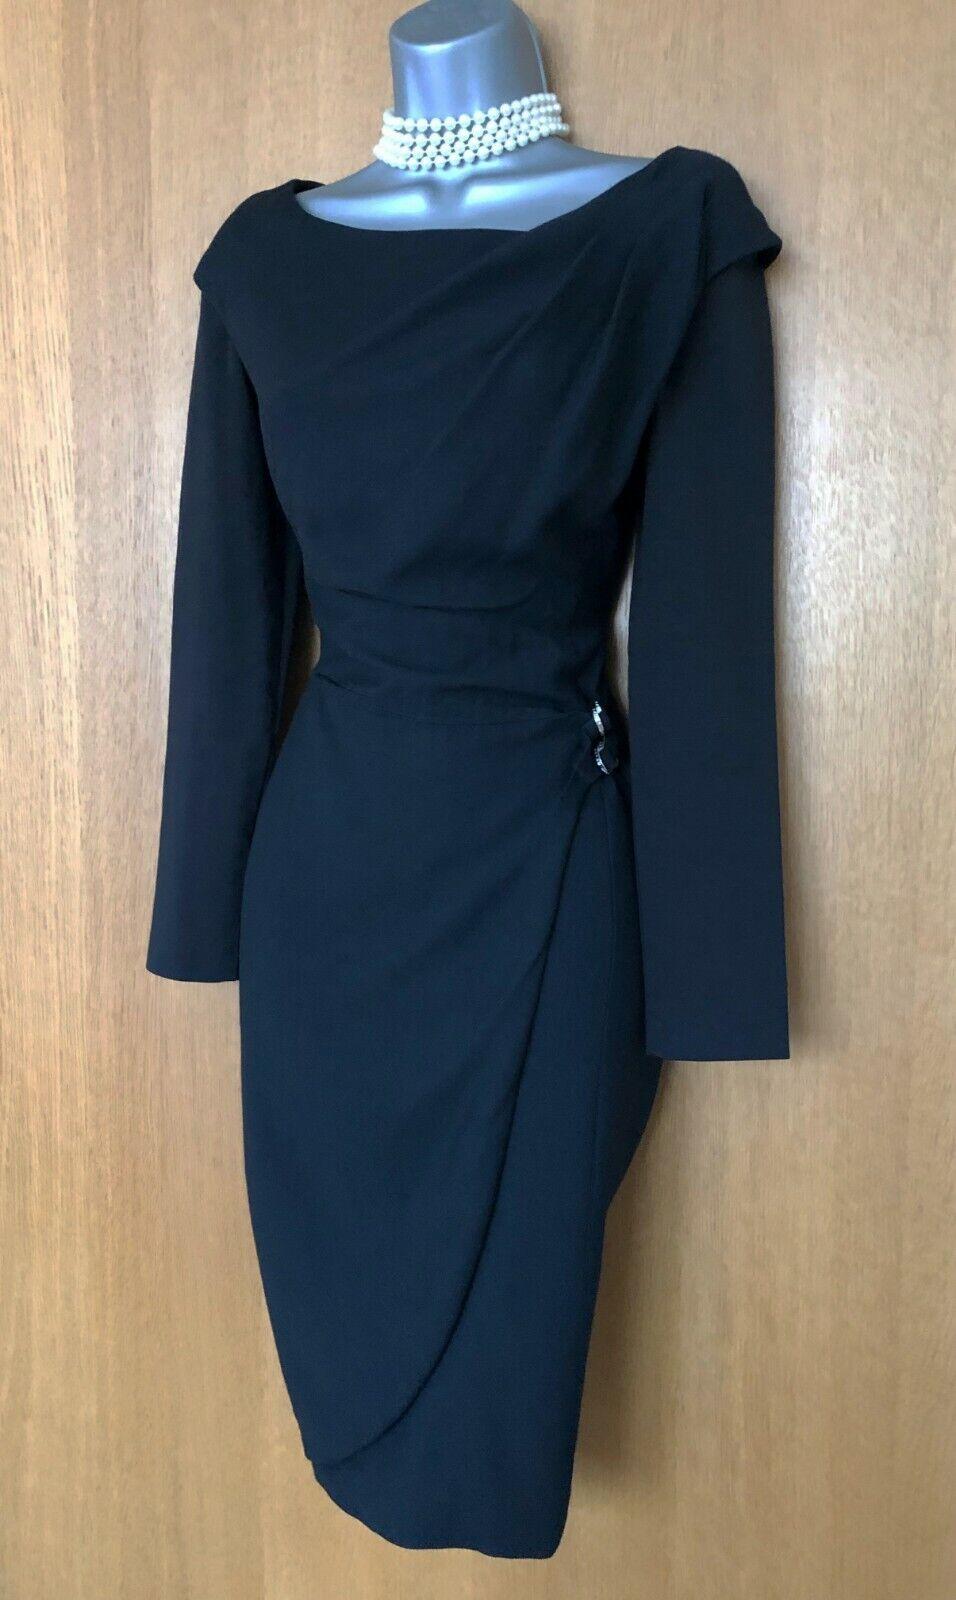 Karen Millen schwarz Wool Blend Long Sleeves Formal Office Work Shift Dress